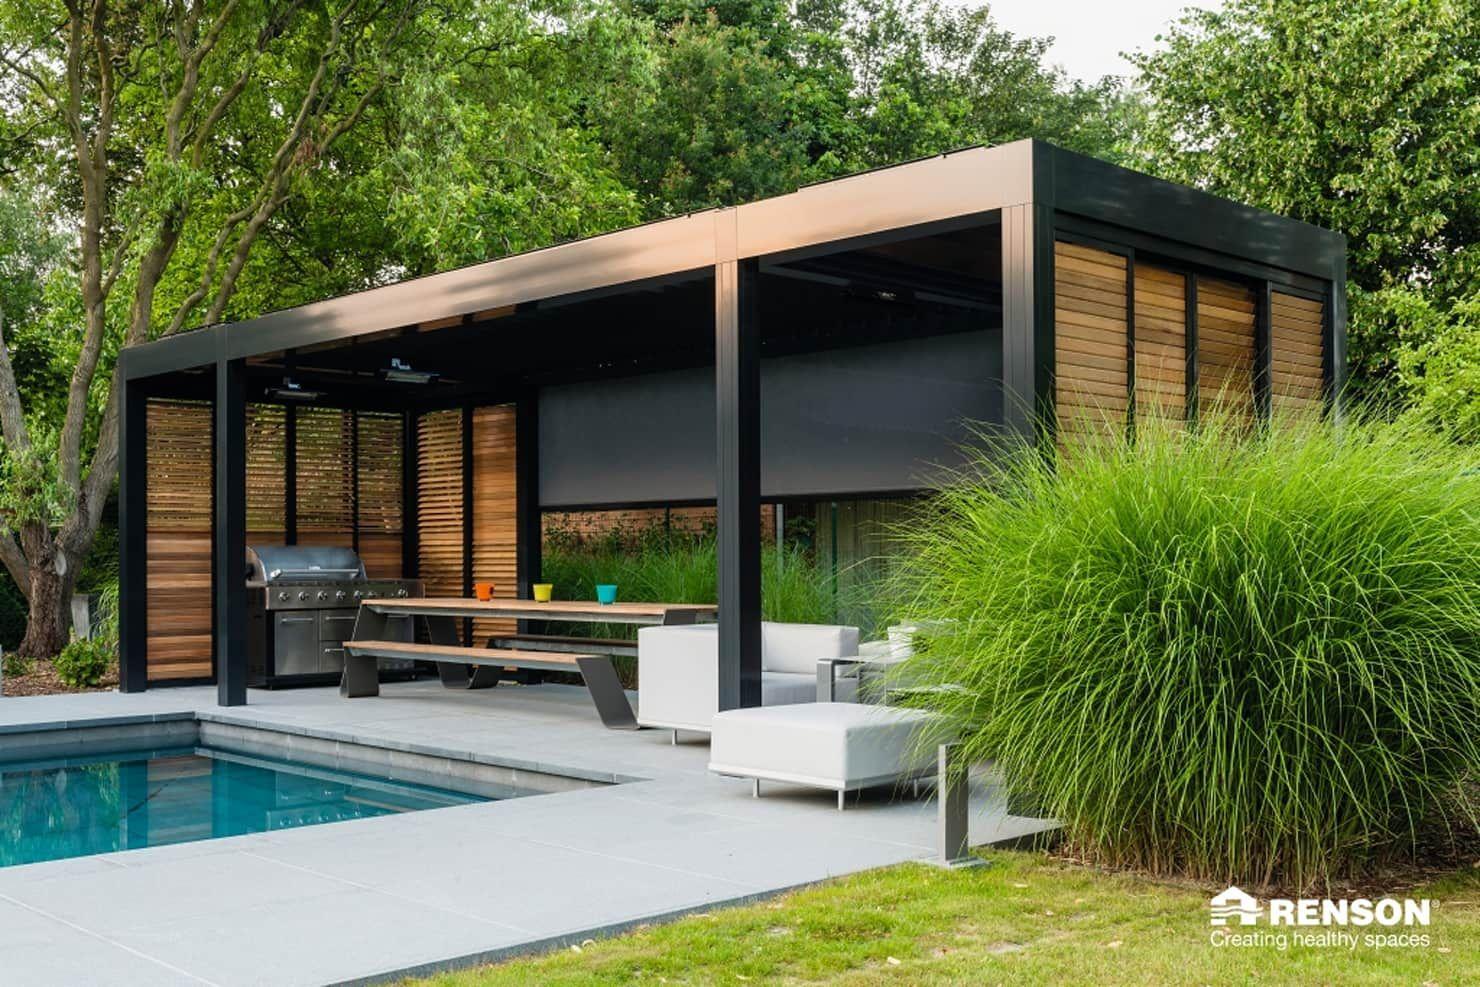 Home grill design bilder wohnideen interior design einrichtungsideen u bilder  garten